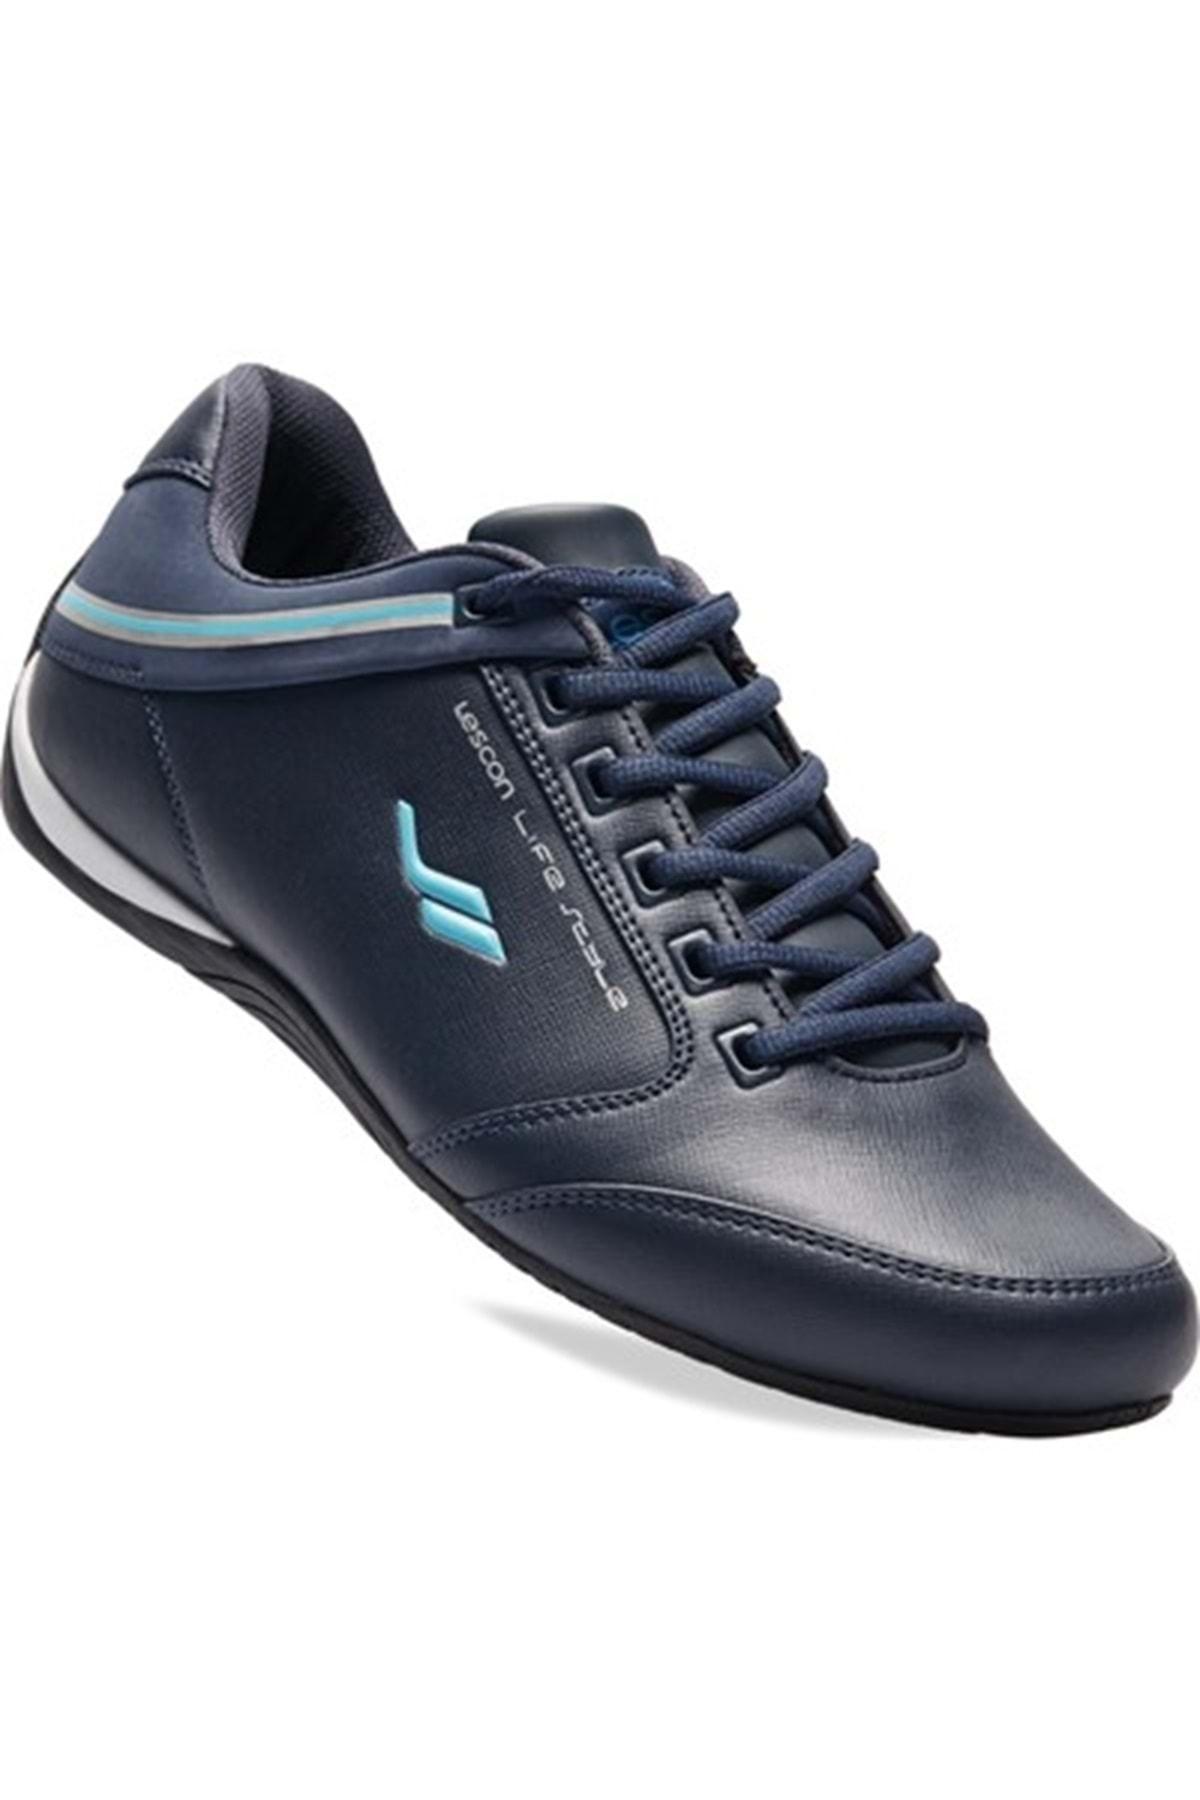 Lescon 6550 Sneakers Günlük Erkek Spor Ayakkabısı - - 6550 - Lacivert - 40 - St01188-6143 1